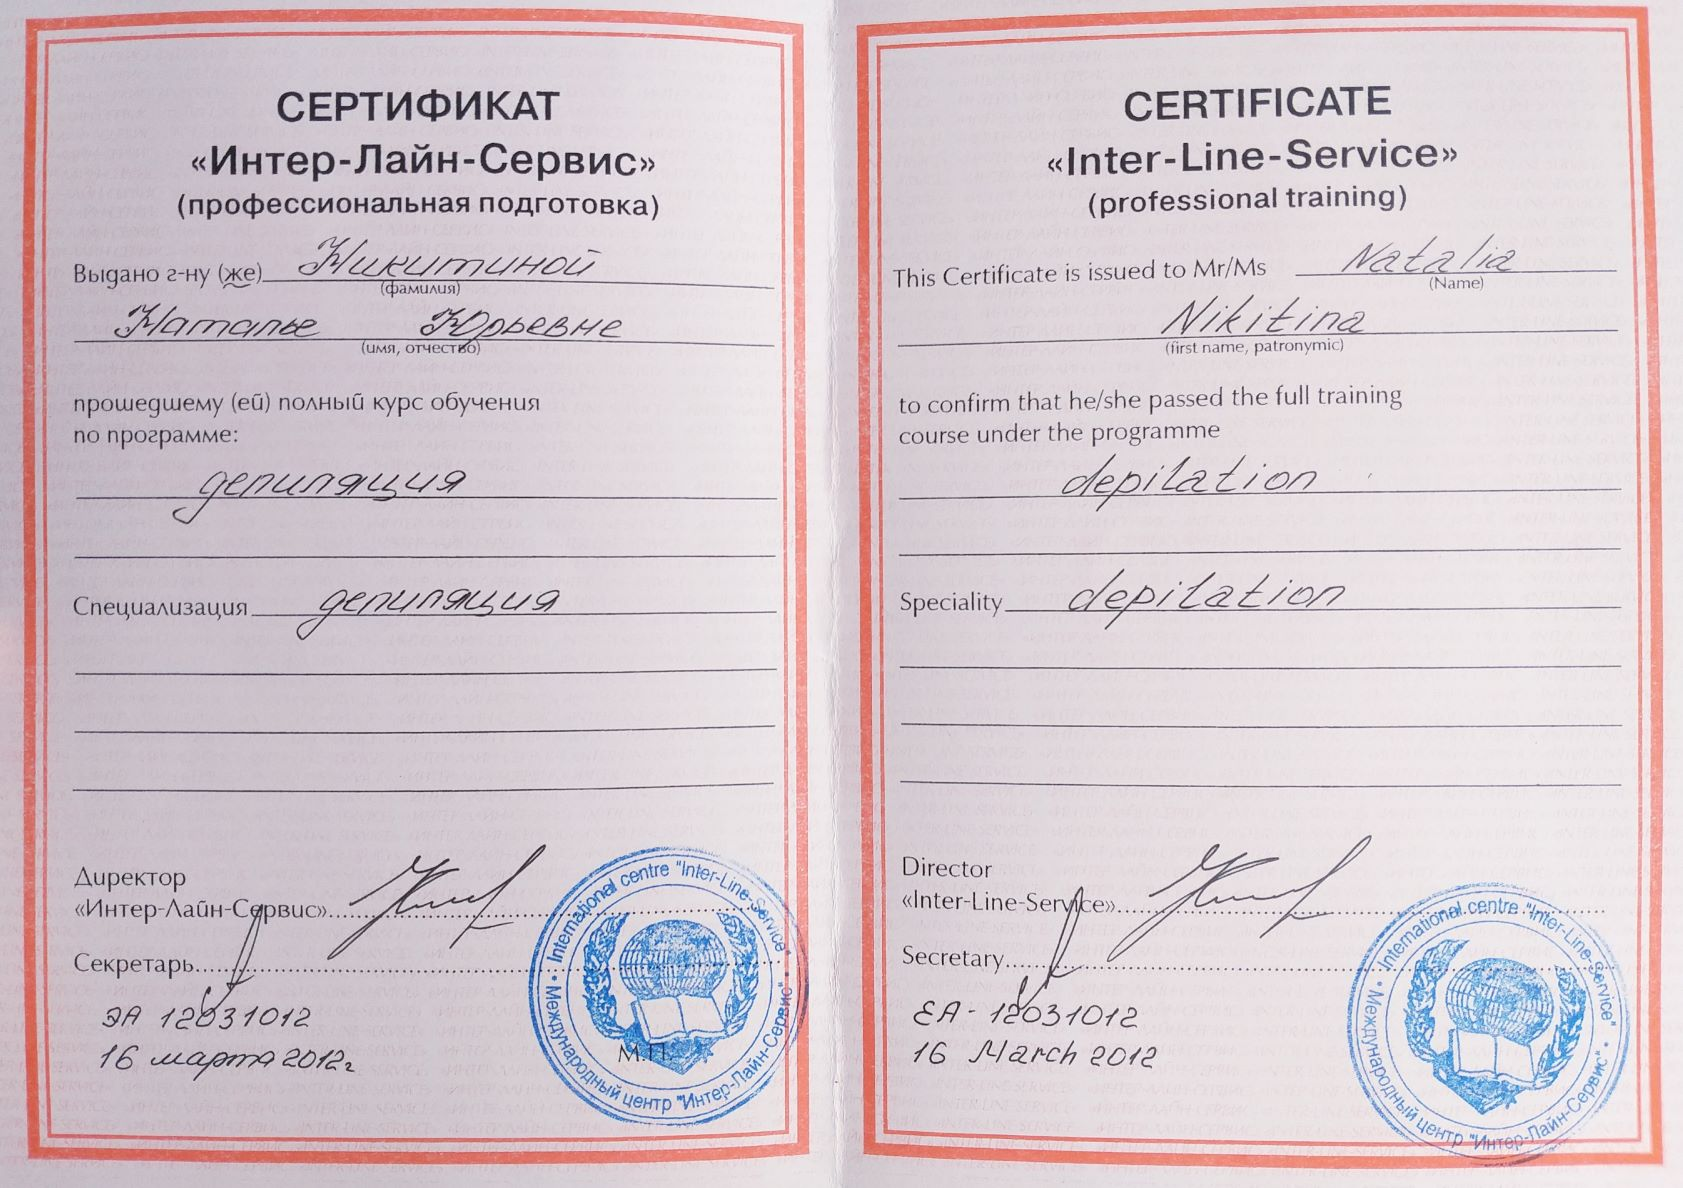 """2012, Международный центр """"Интер-Лайн-Сервис"""". Полный курс обучения по программе: """"Депиляция""""."""